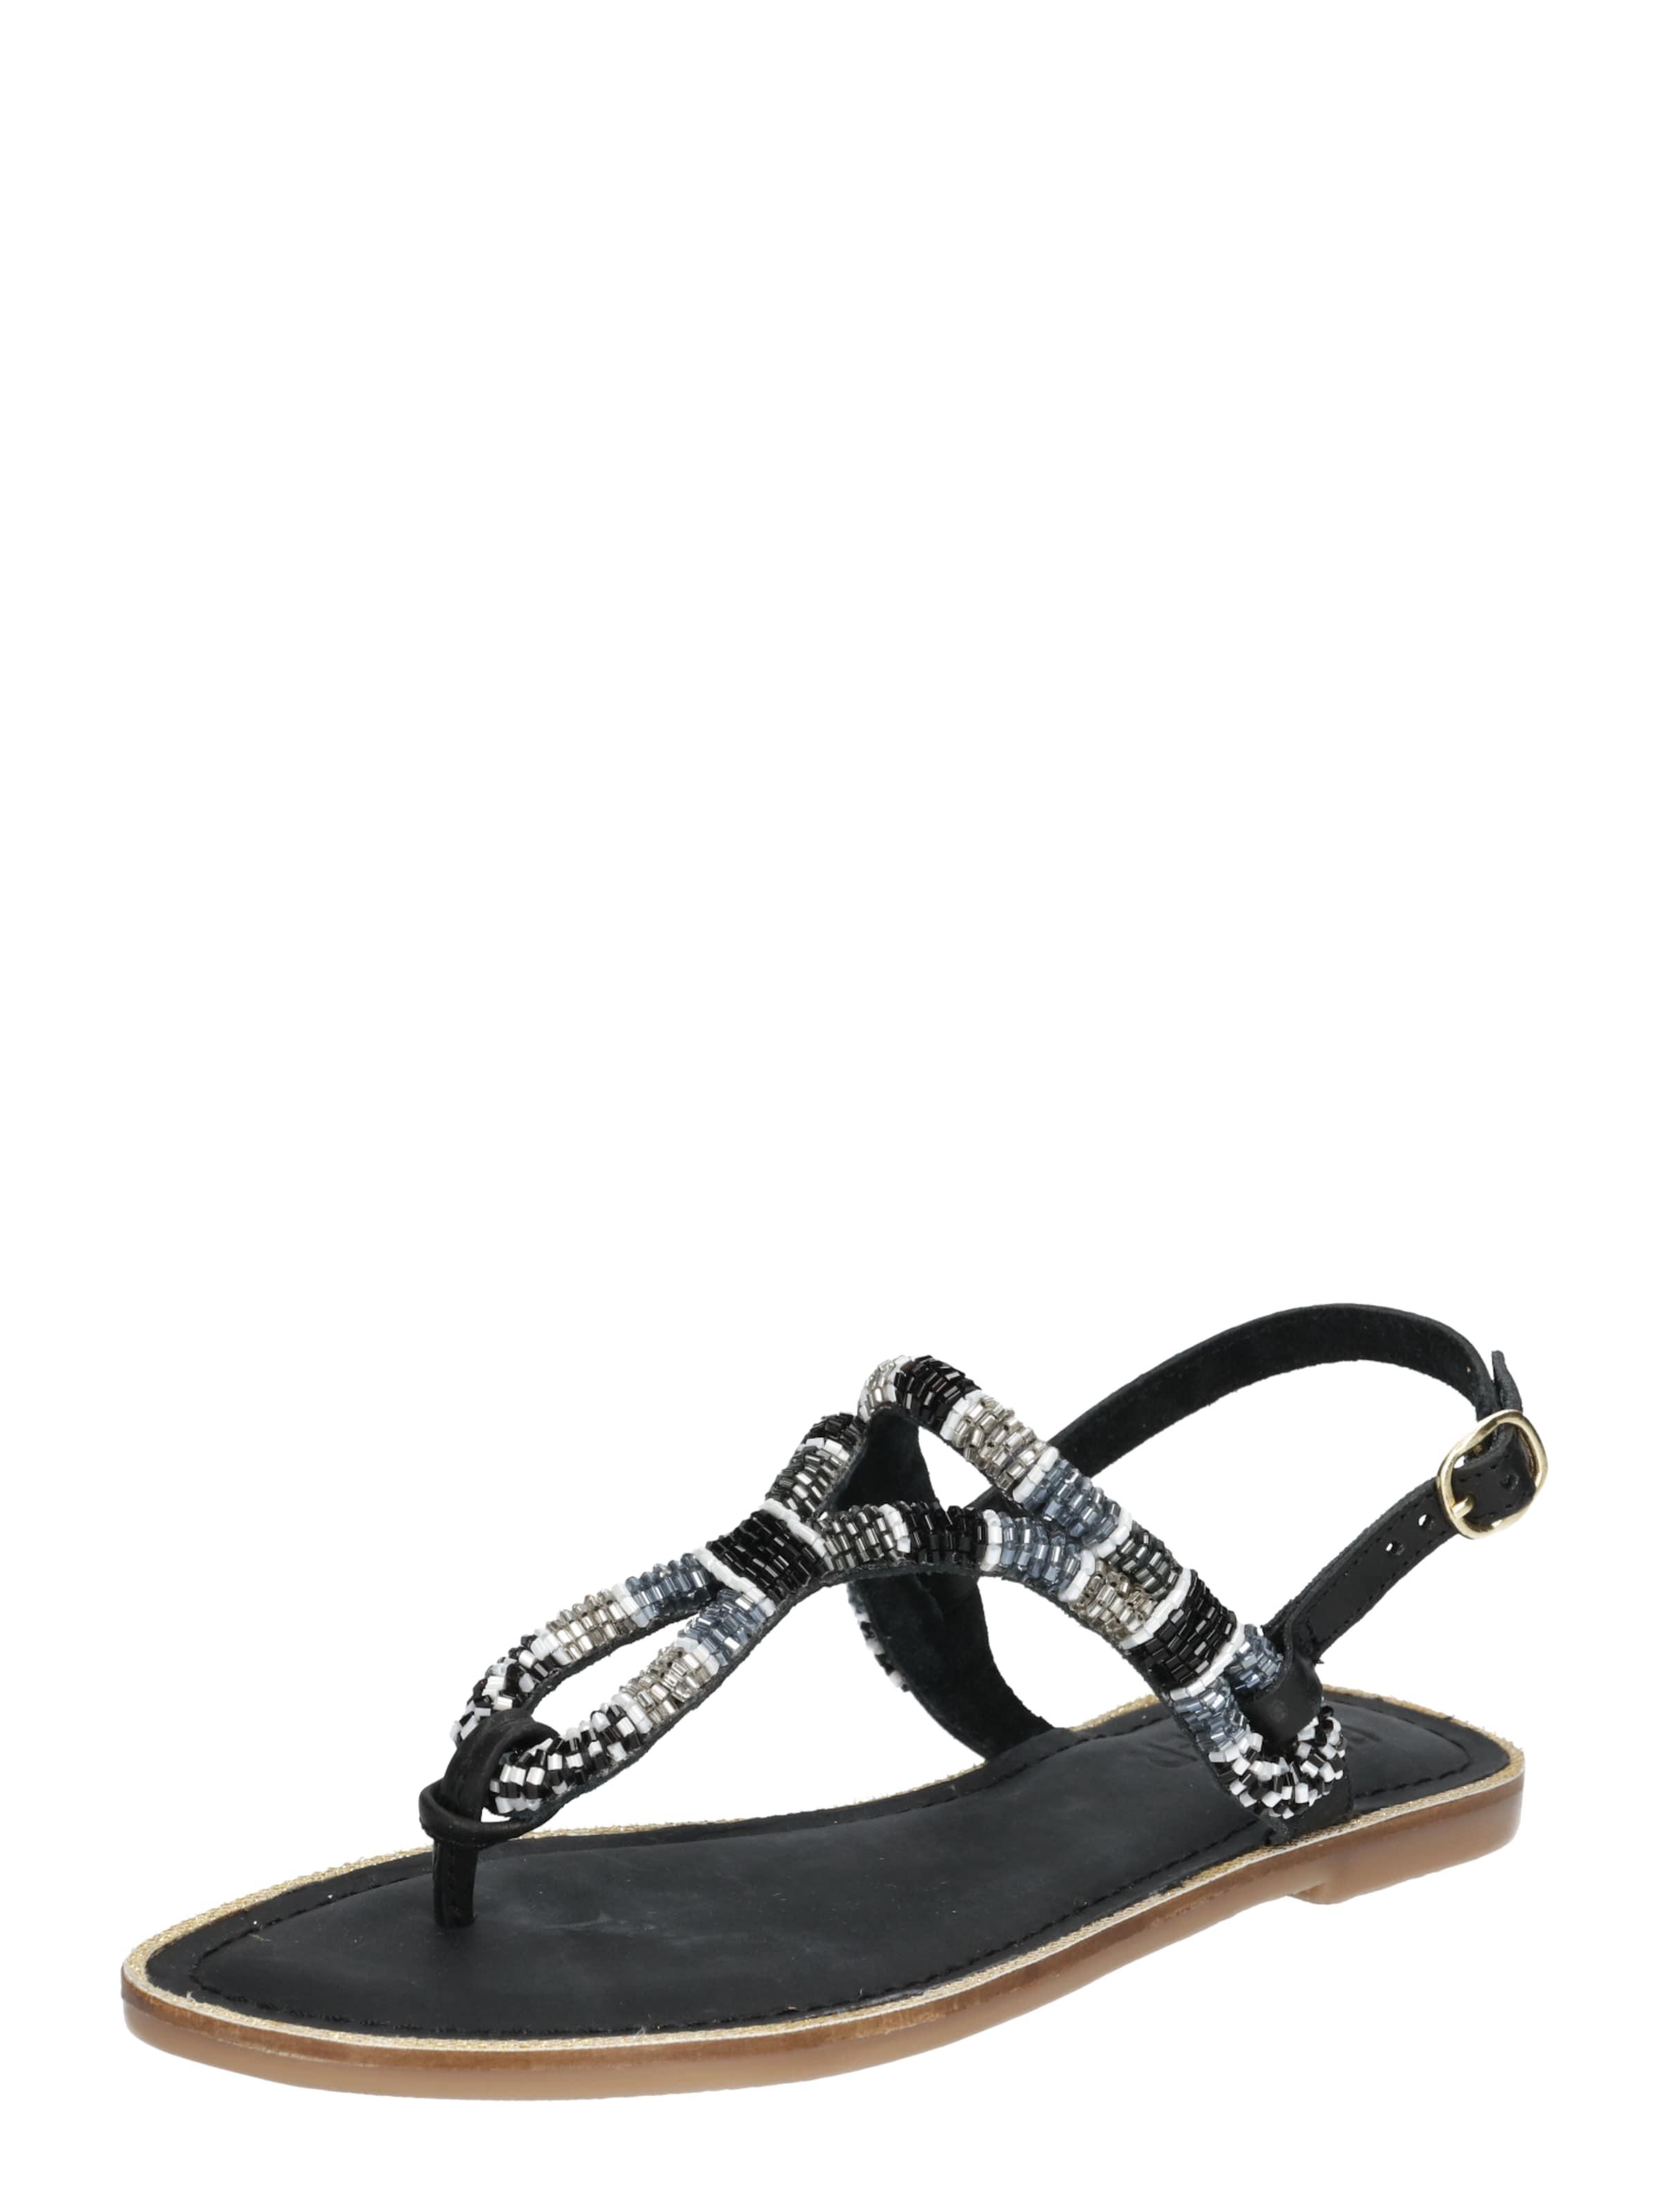 BULLBOXER Sandalen Günstige und und Günstige langlebige Schuhe 04bb29